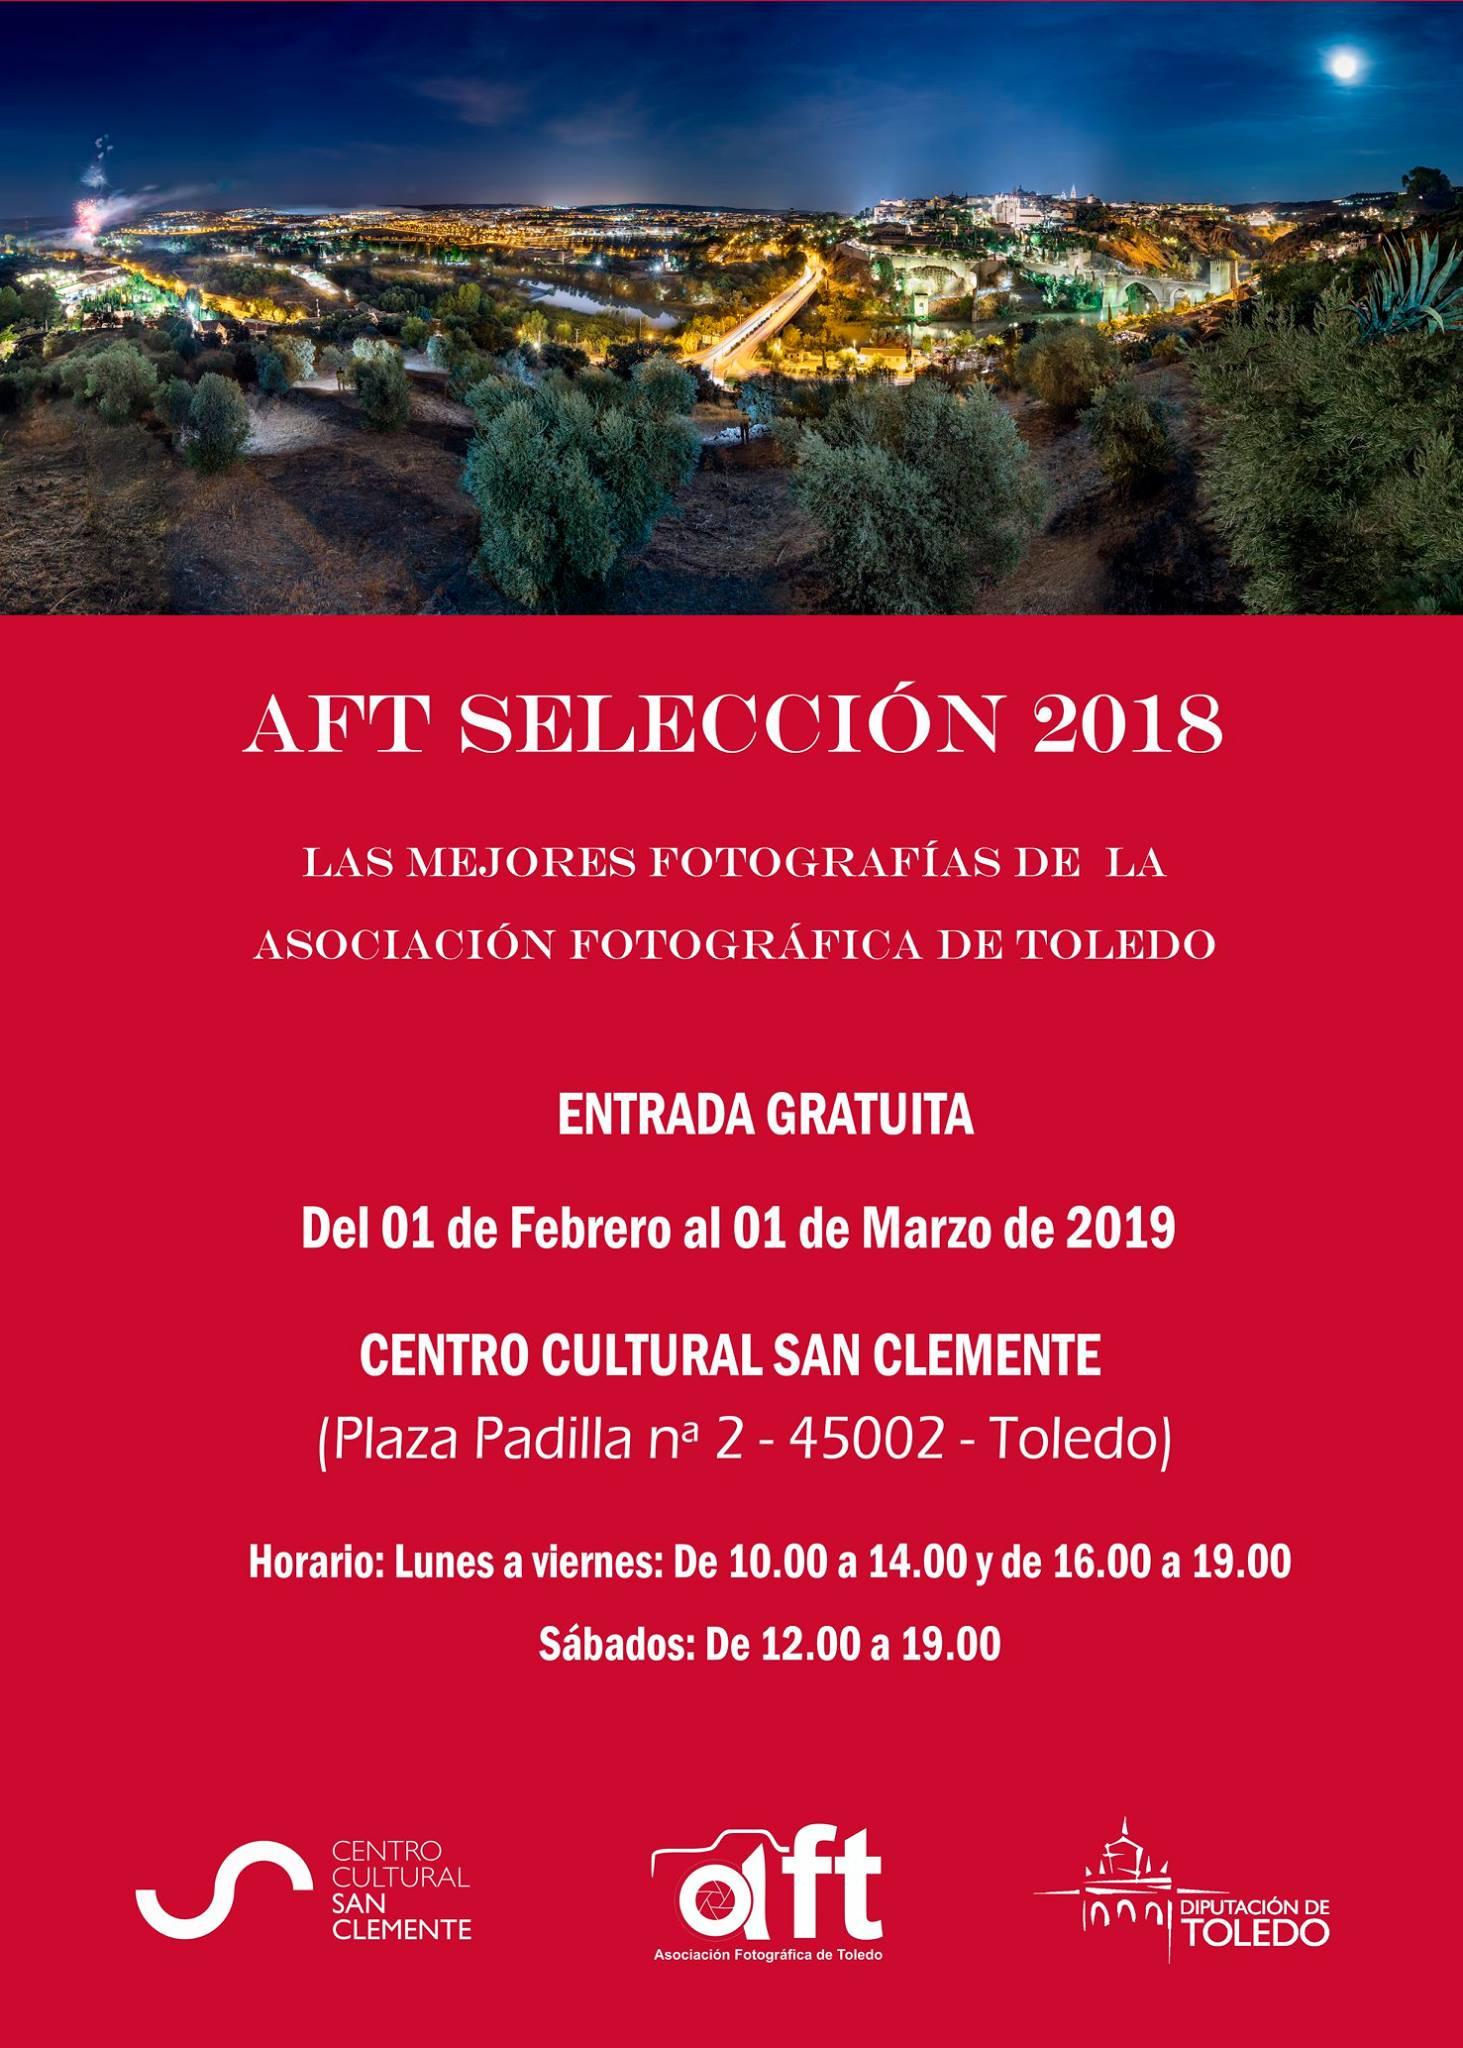 AFT - Selección 2018